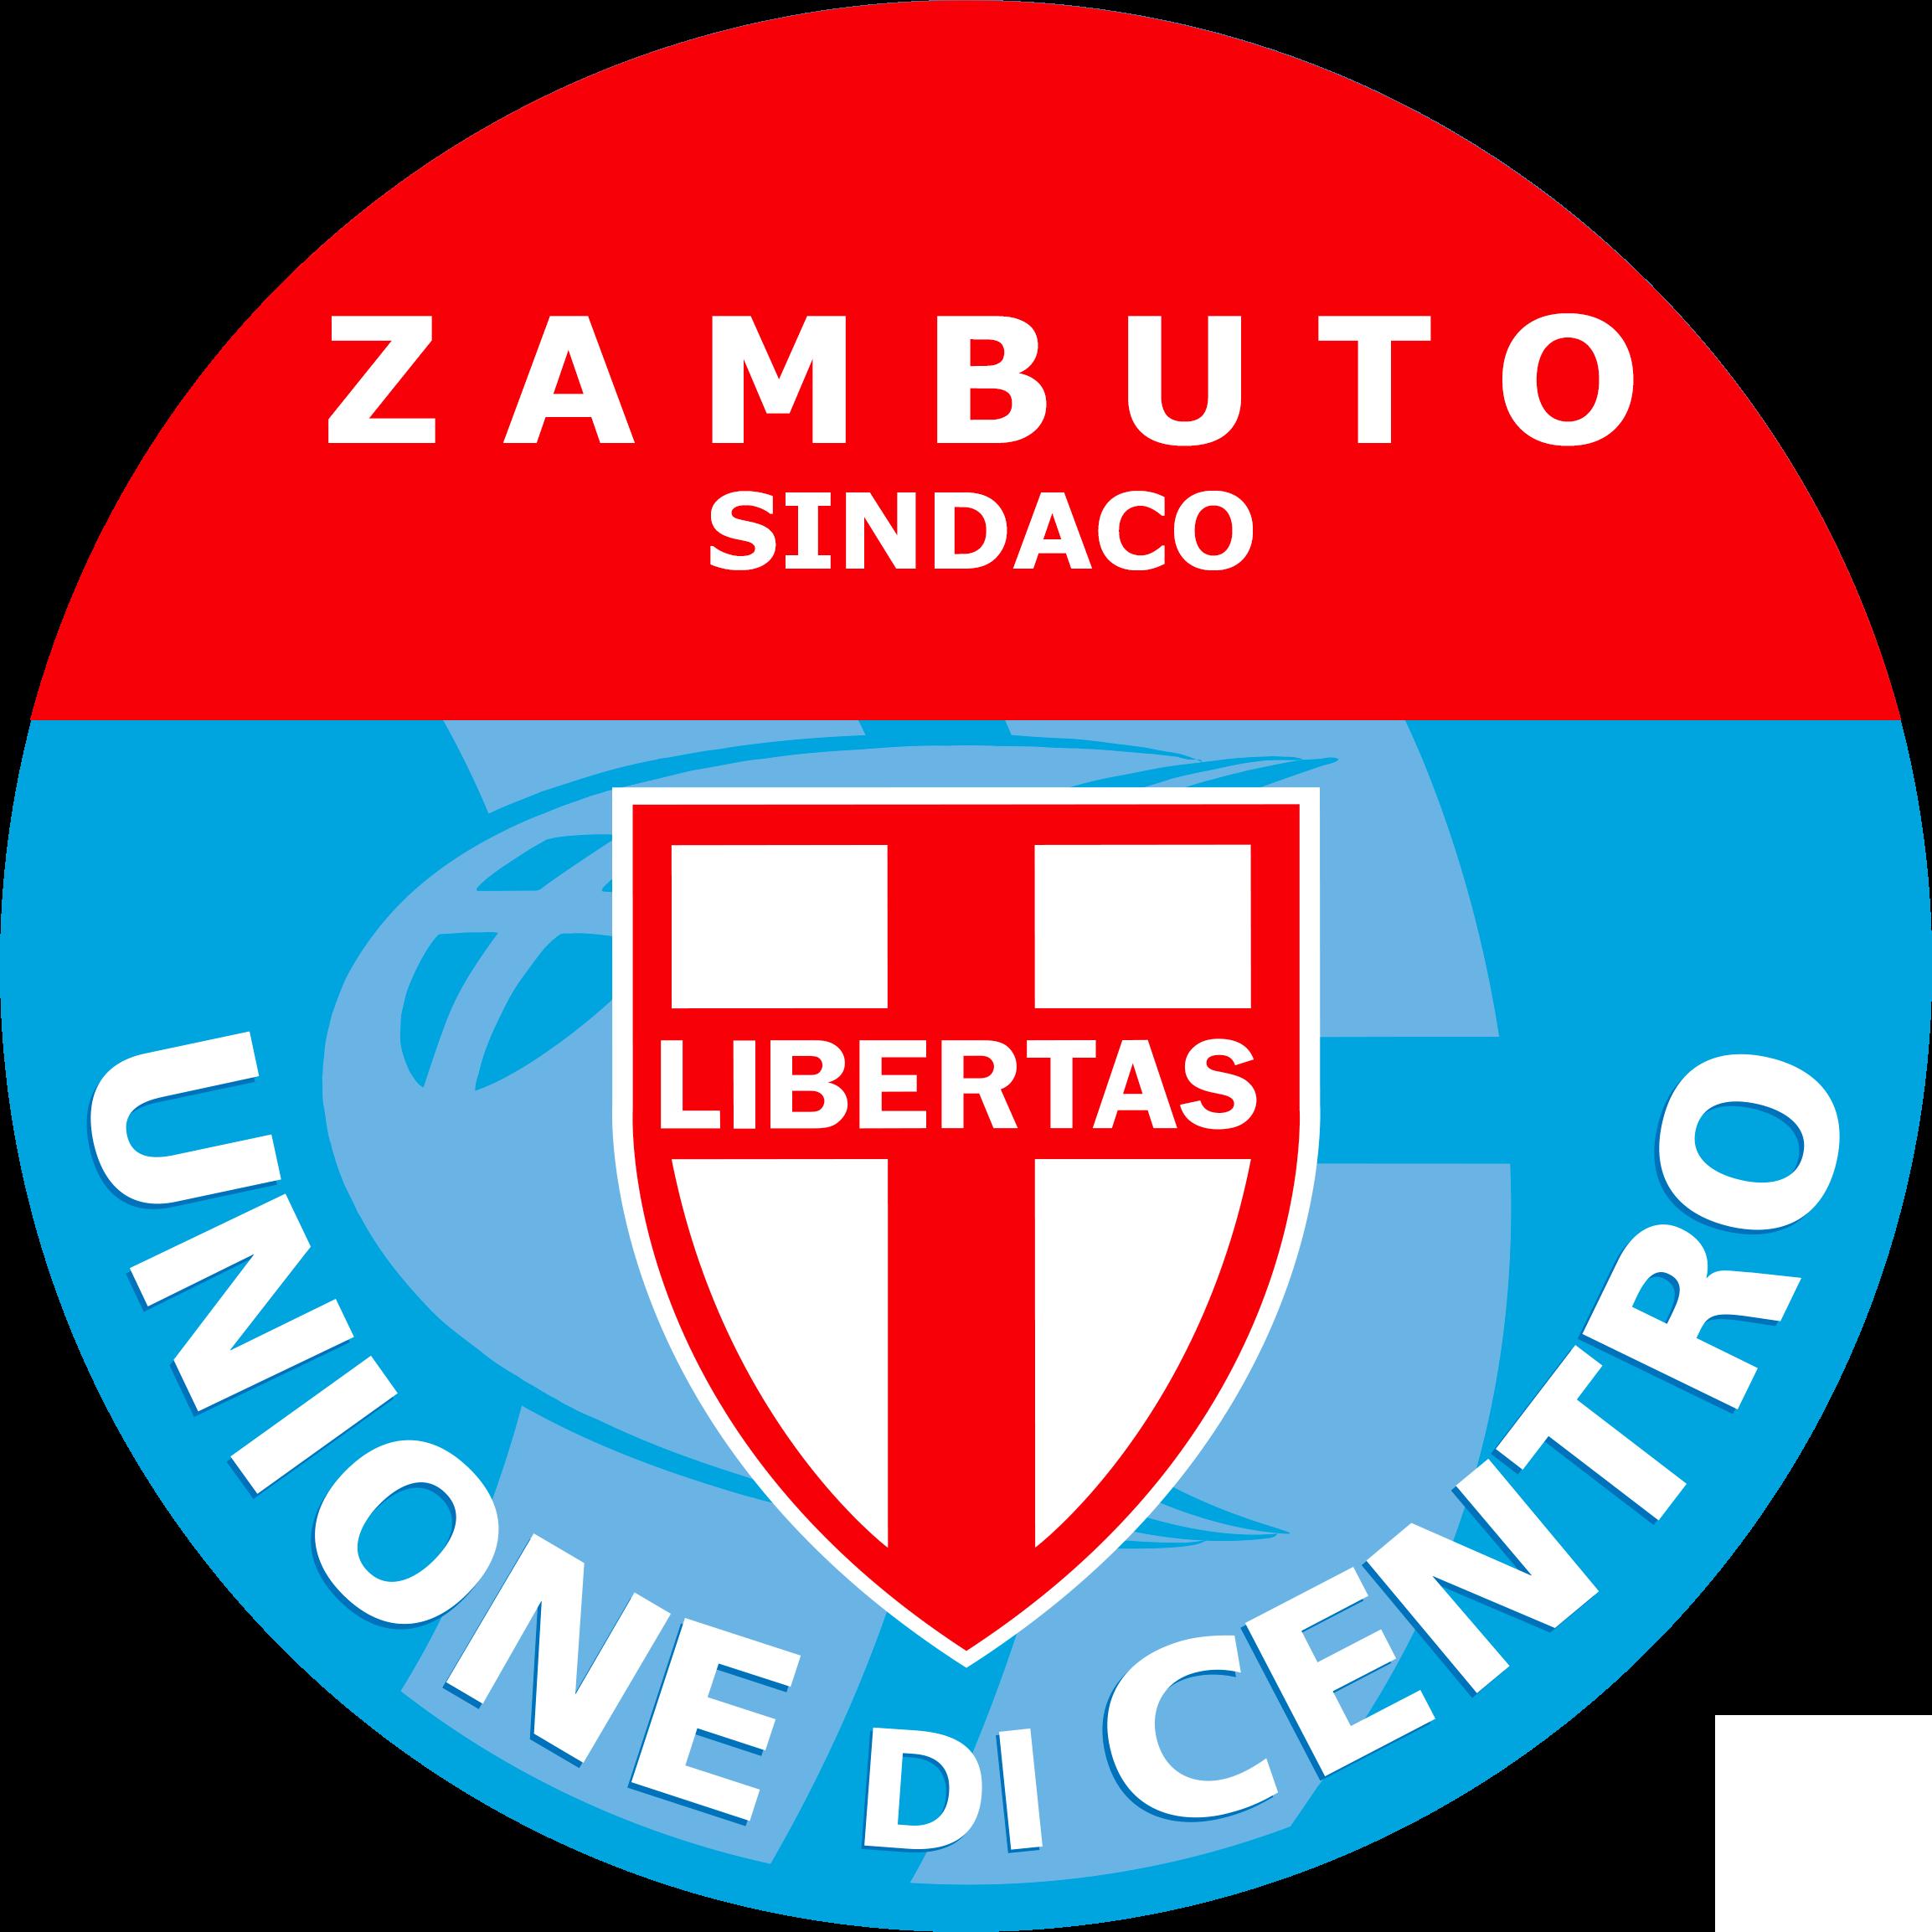 Zambuto Udc